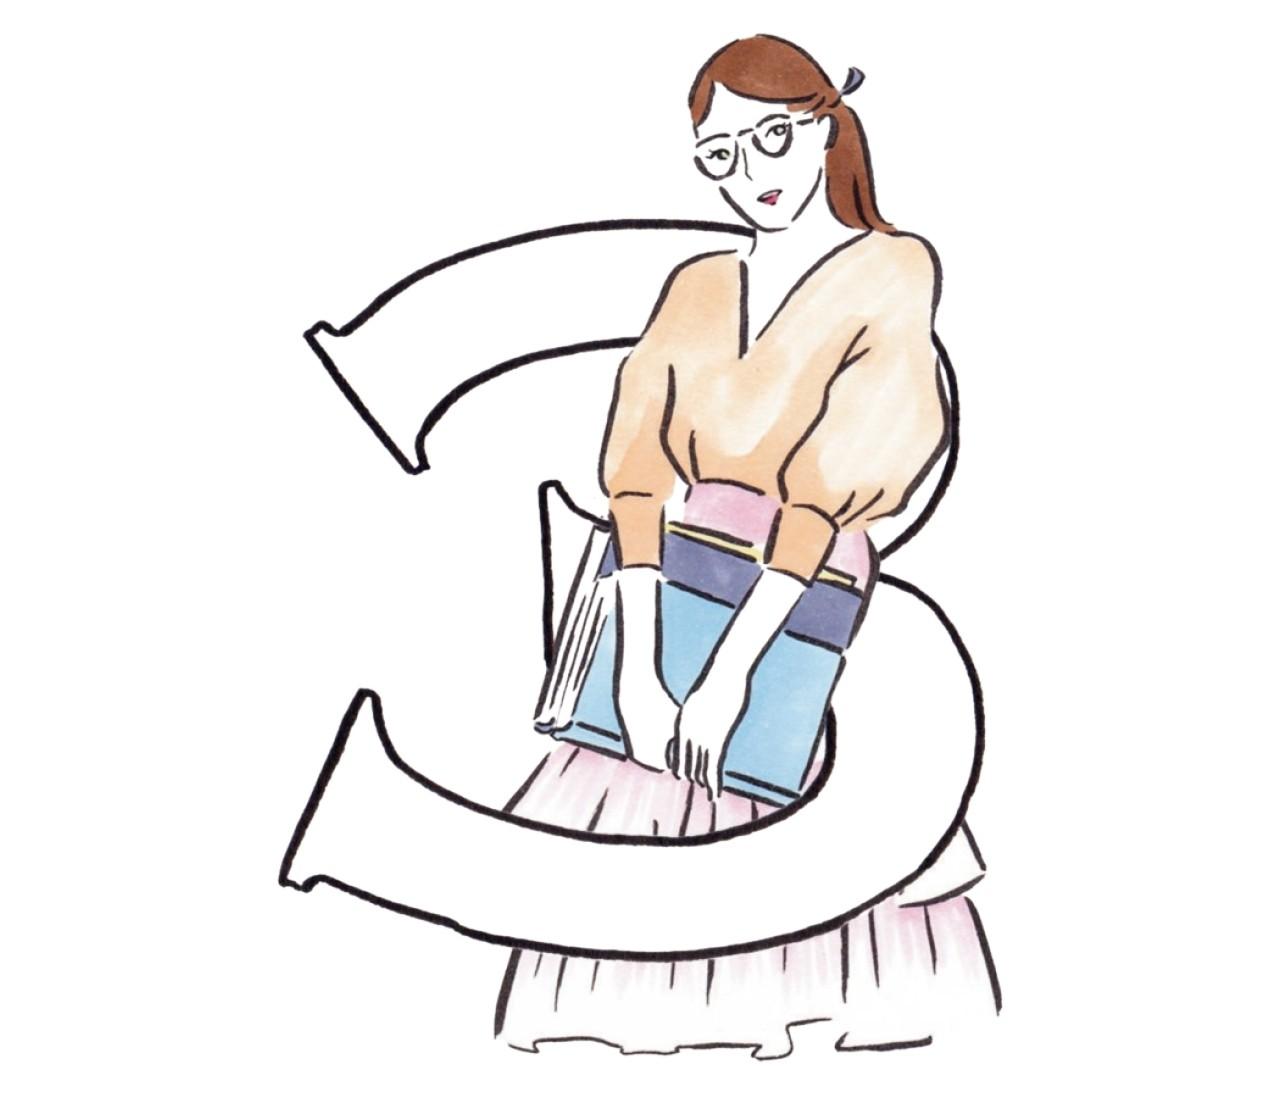 【イヴルルド遙華のマインドナンバー占い】マインドナンバー3のあなたは「ティーチャー」!